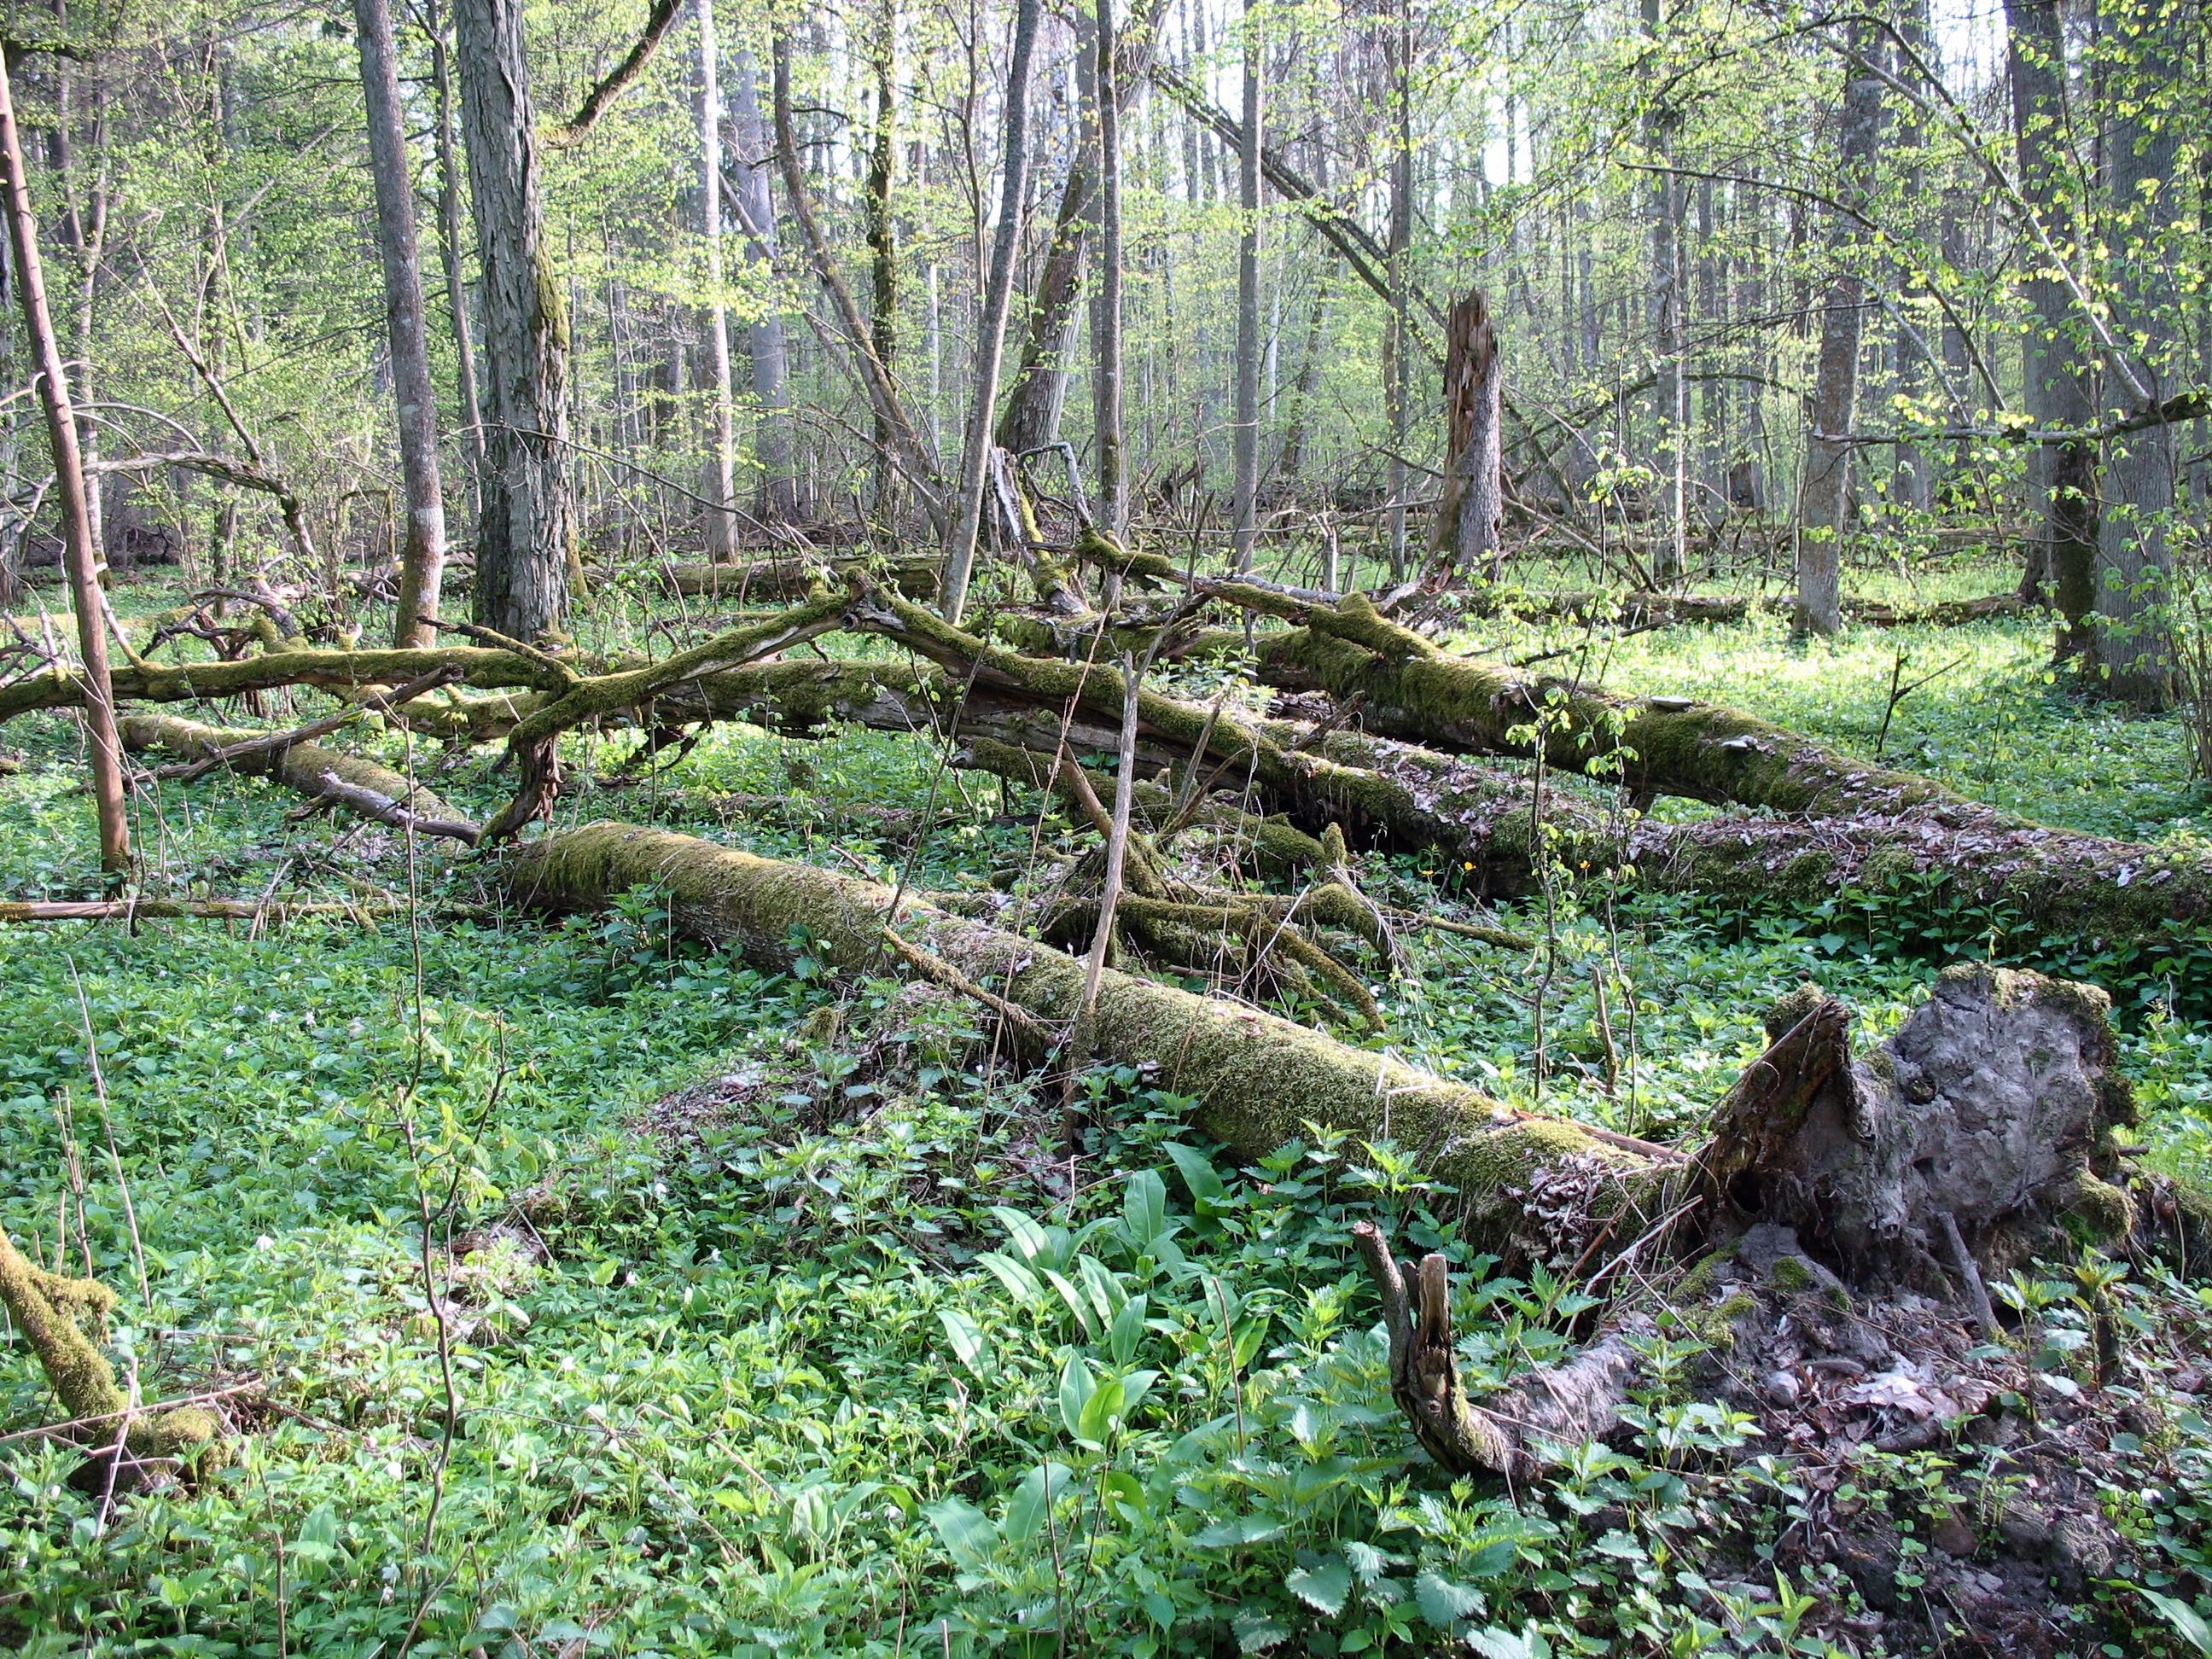 Ogólne zasady konserwatorskiej ochrony przyrody